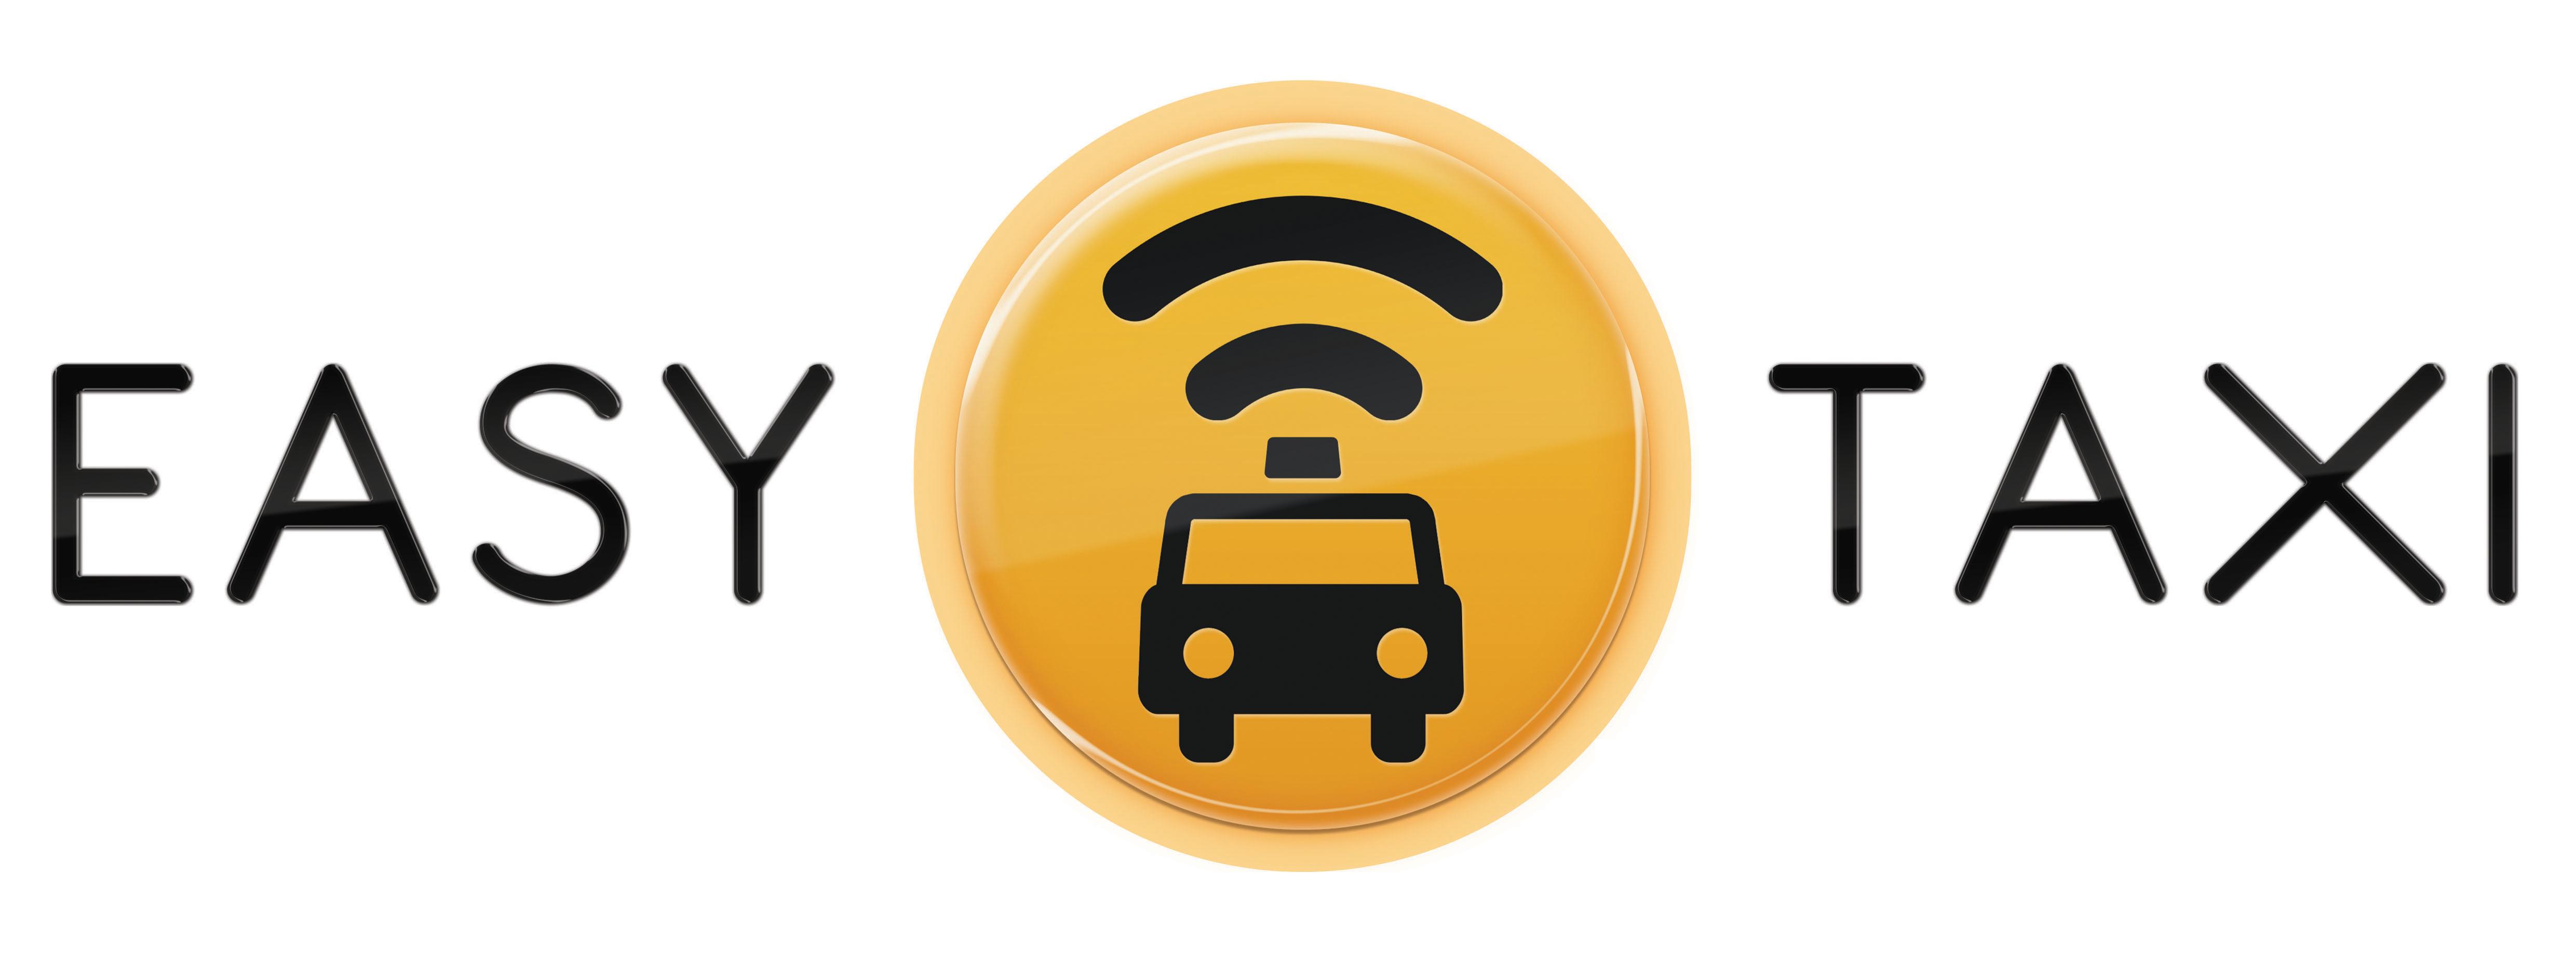 Easy_Taxi_logo_alta_fundo_claro